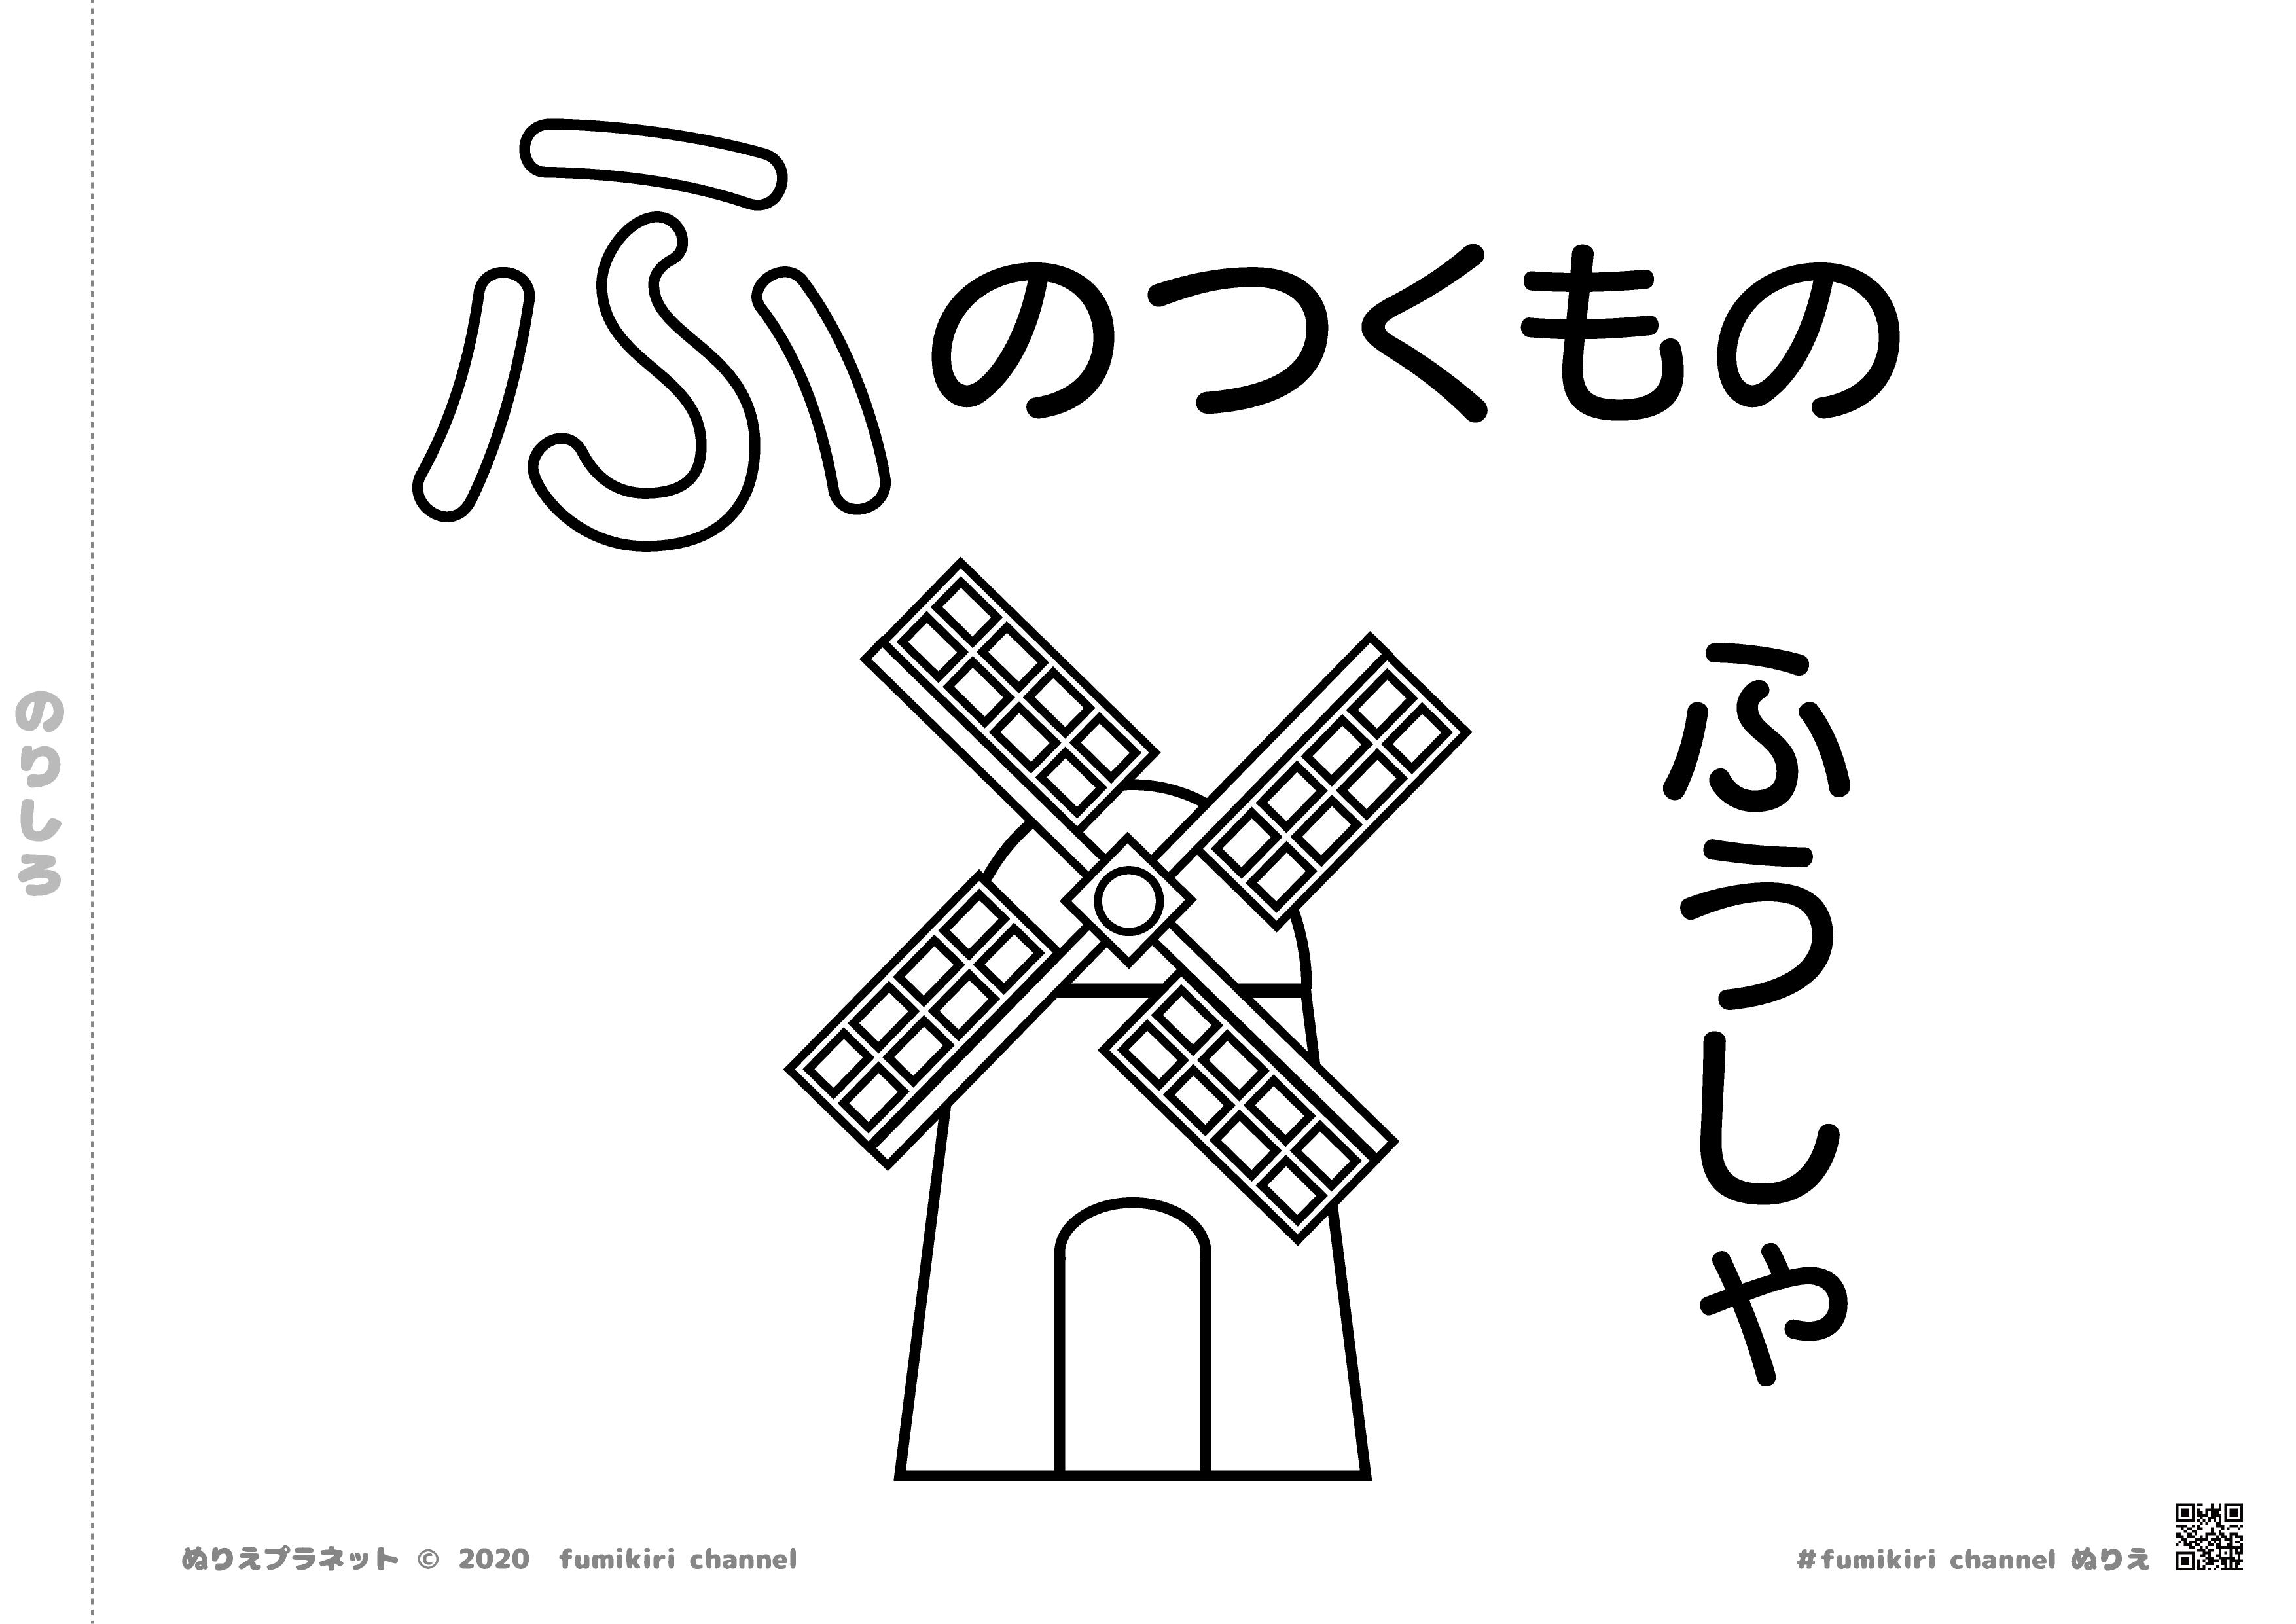 がいこくにある風車の塗り絵です。